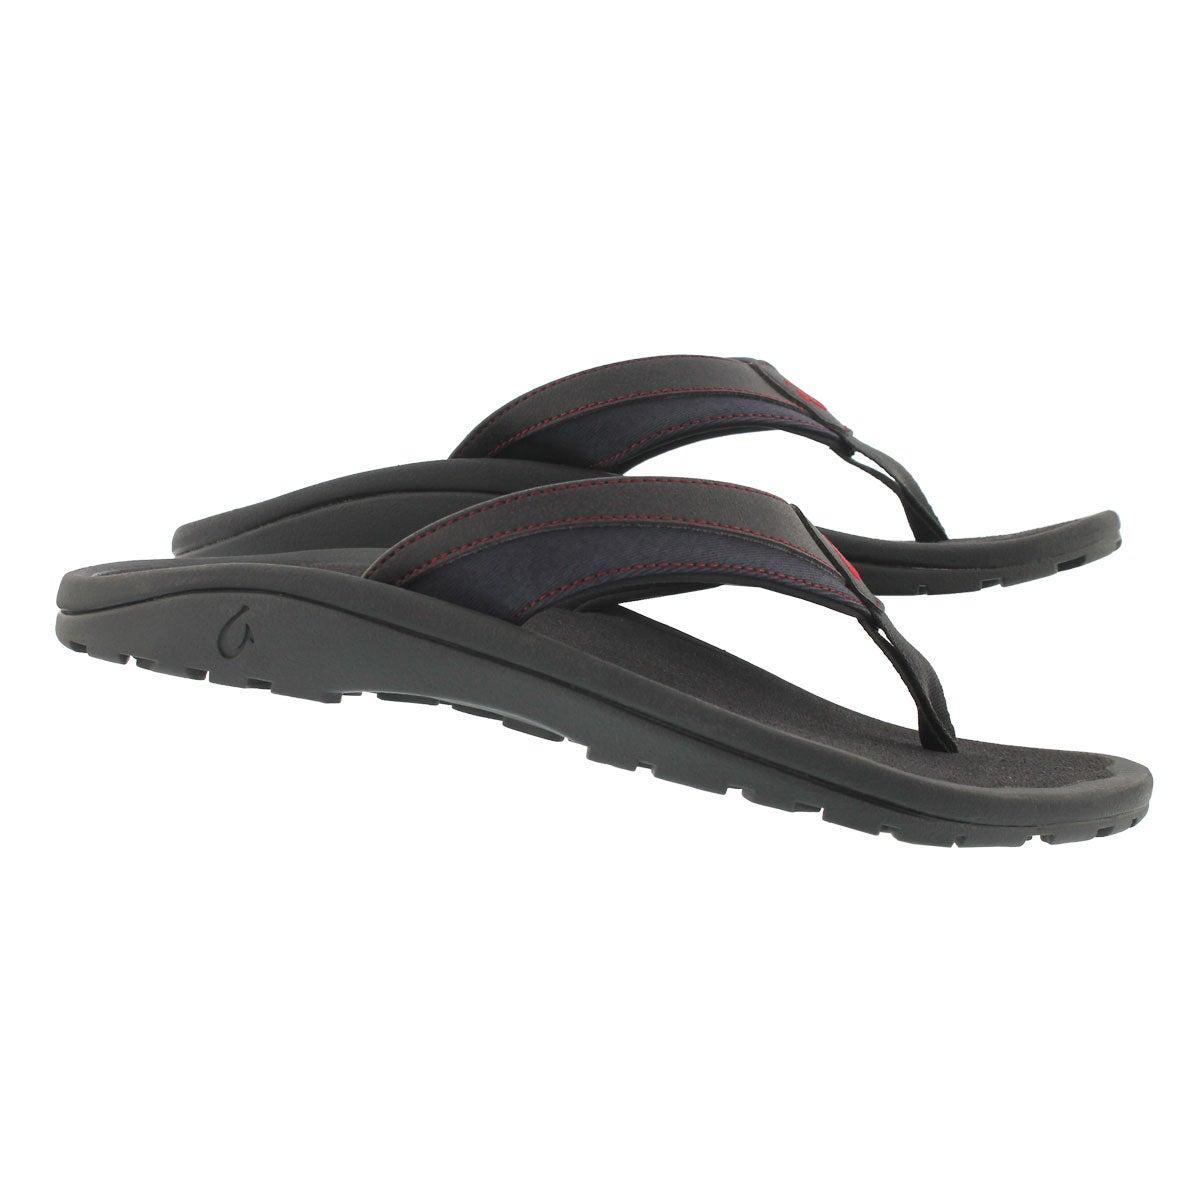 Mns Ohana Koa carbon thong sandal